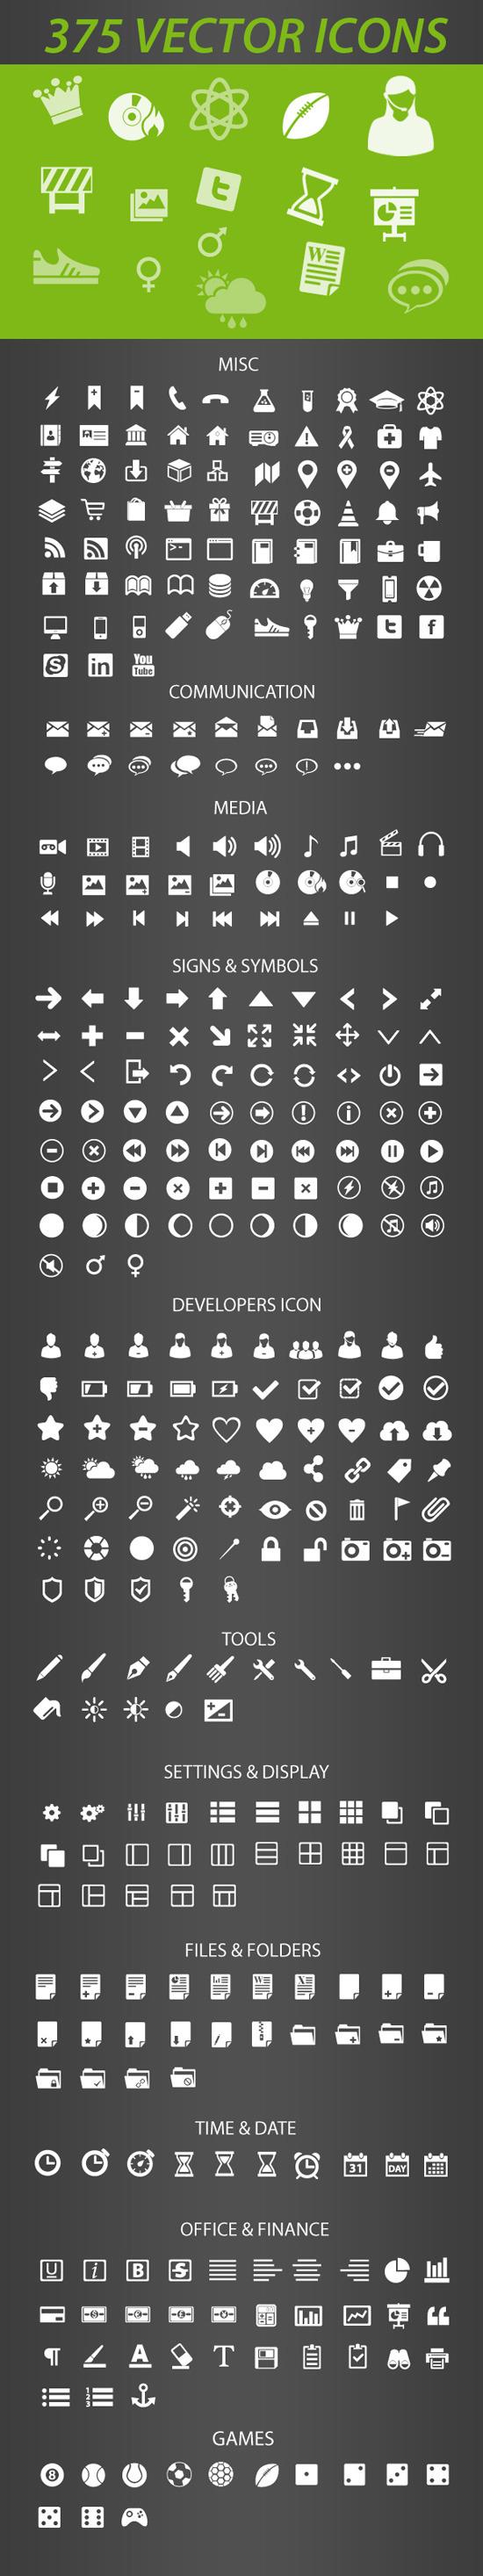 레티나 디스플레이에 최적화 된 375 가지 벡터 아이콘 - 375 Free Vector Retina-Display-Ready Icons